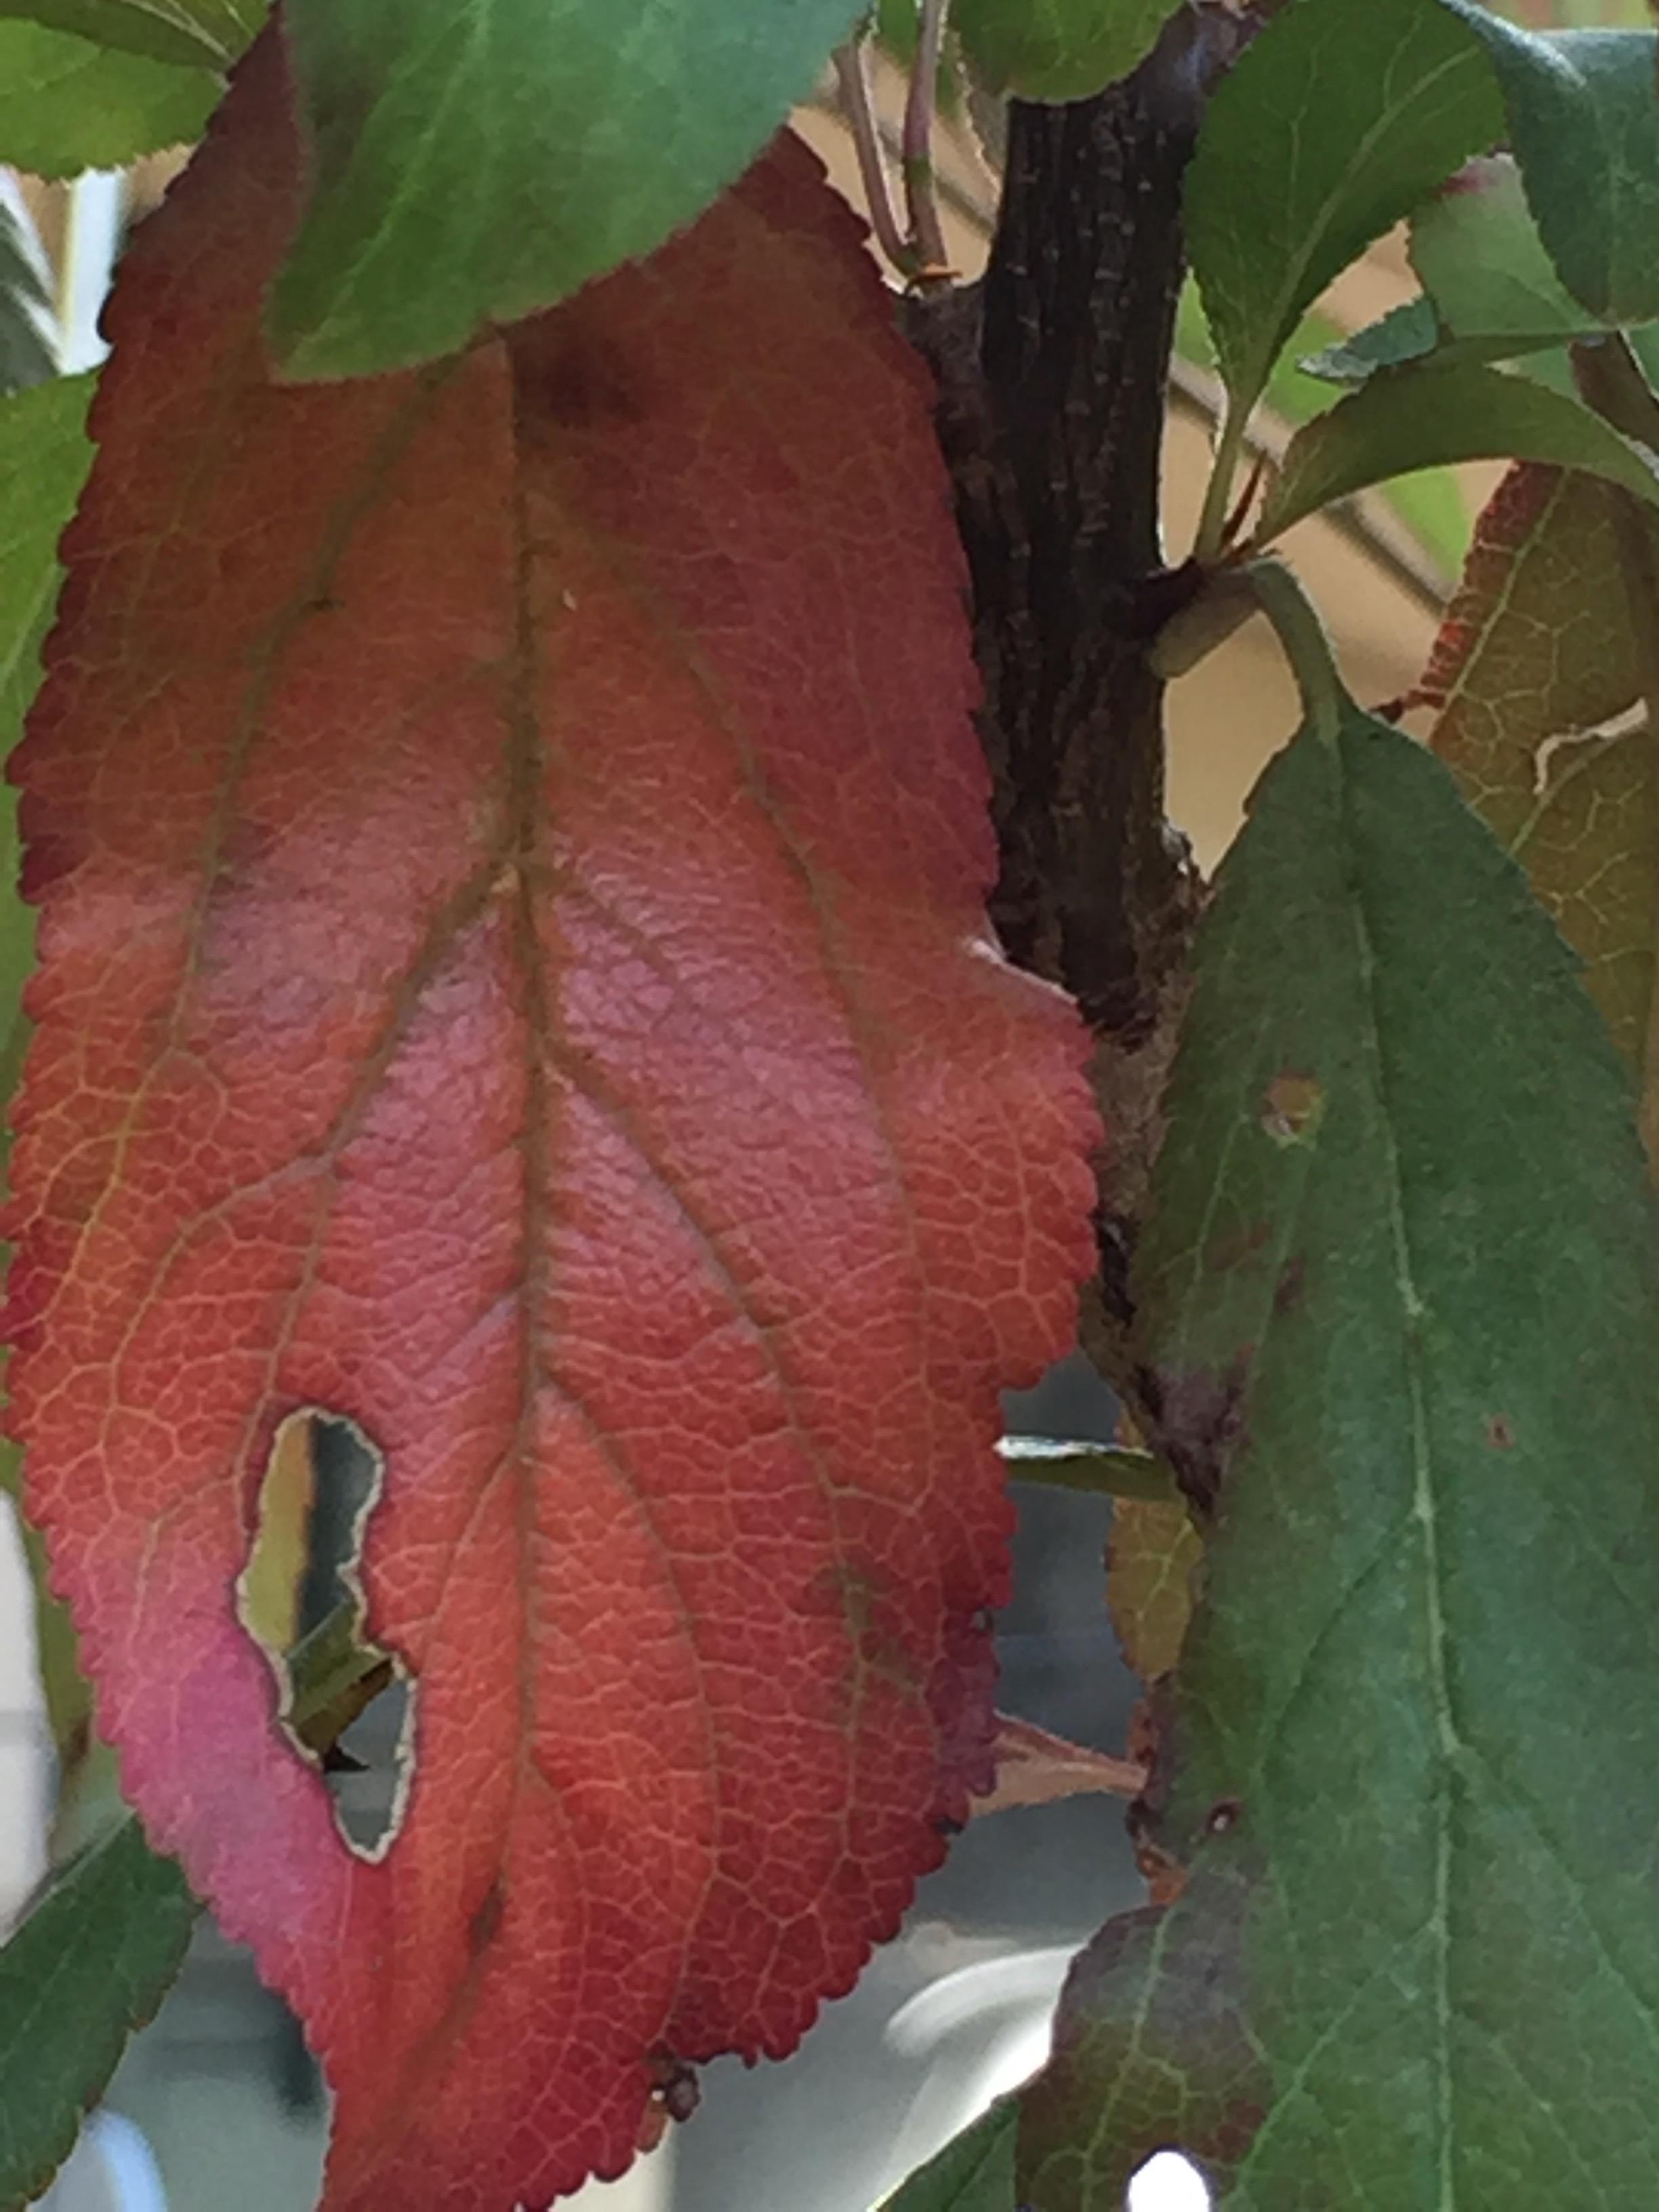 a plum leaf